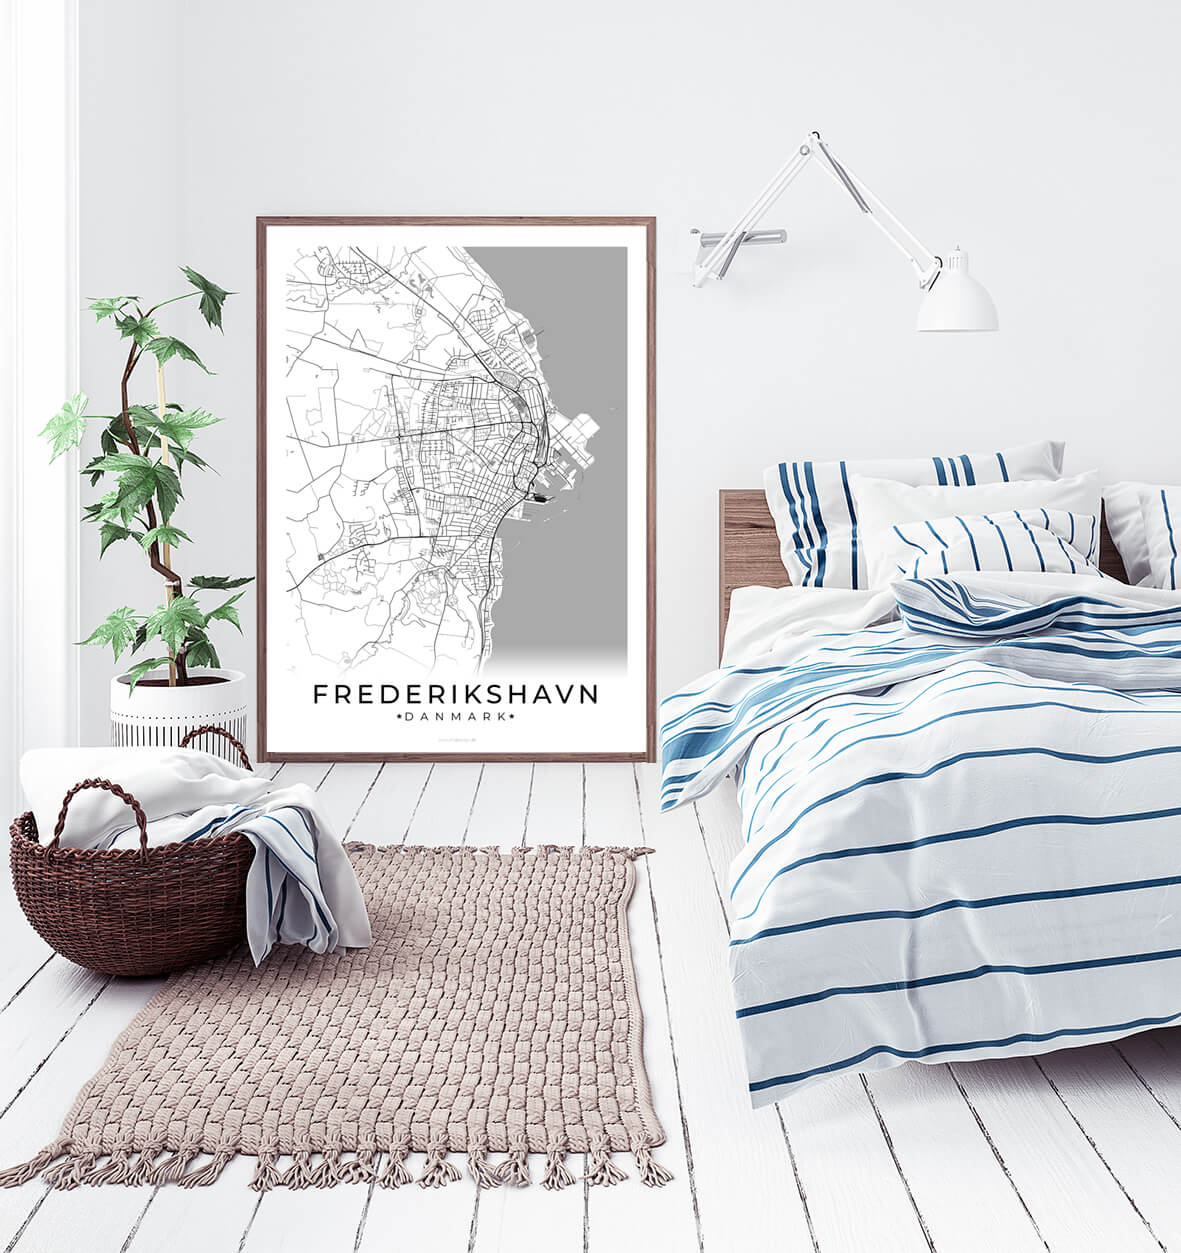 Frederikshavn-hvid-byplakat-2